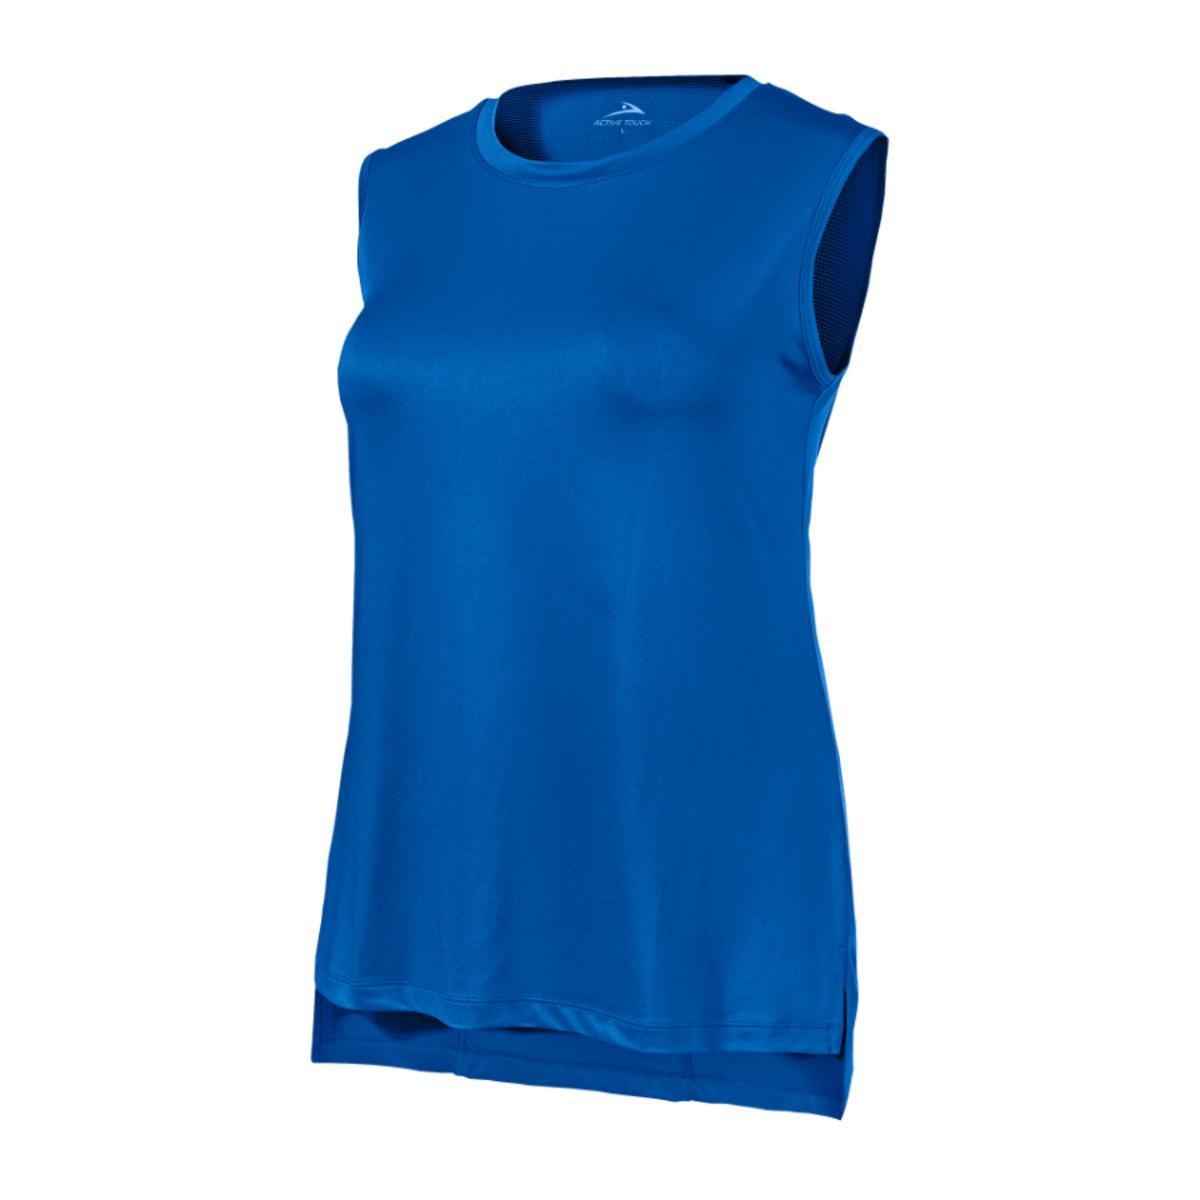 Bild 4 von ACTIVE TOUCH     Fitness-Shirt / -Top